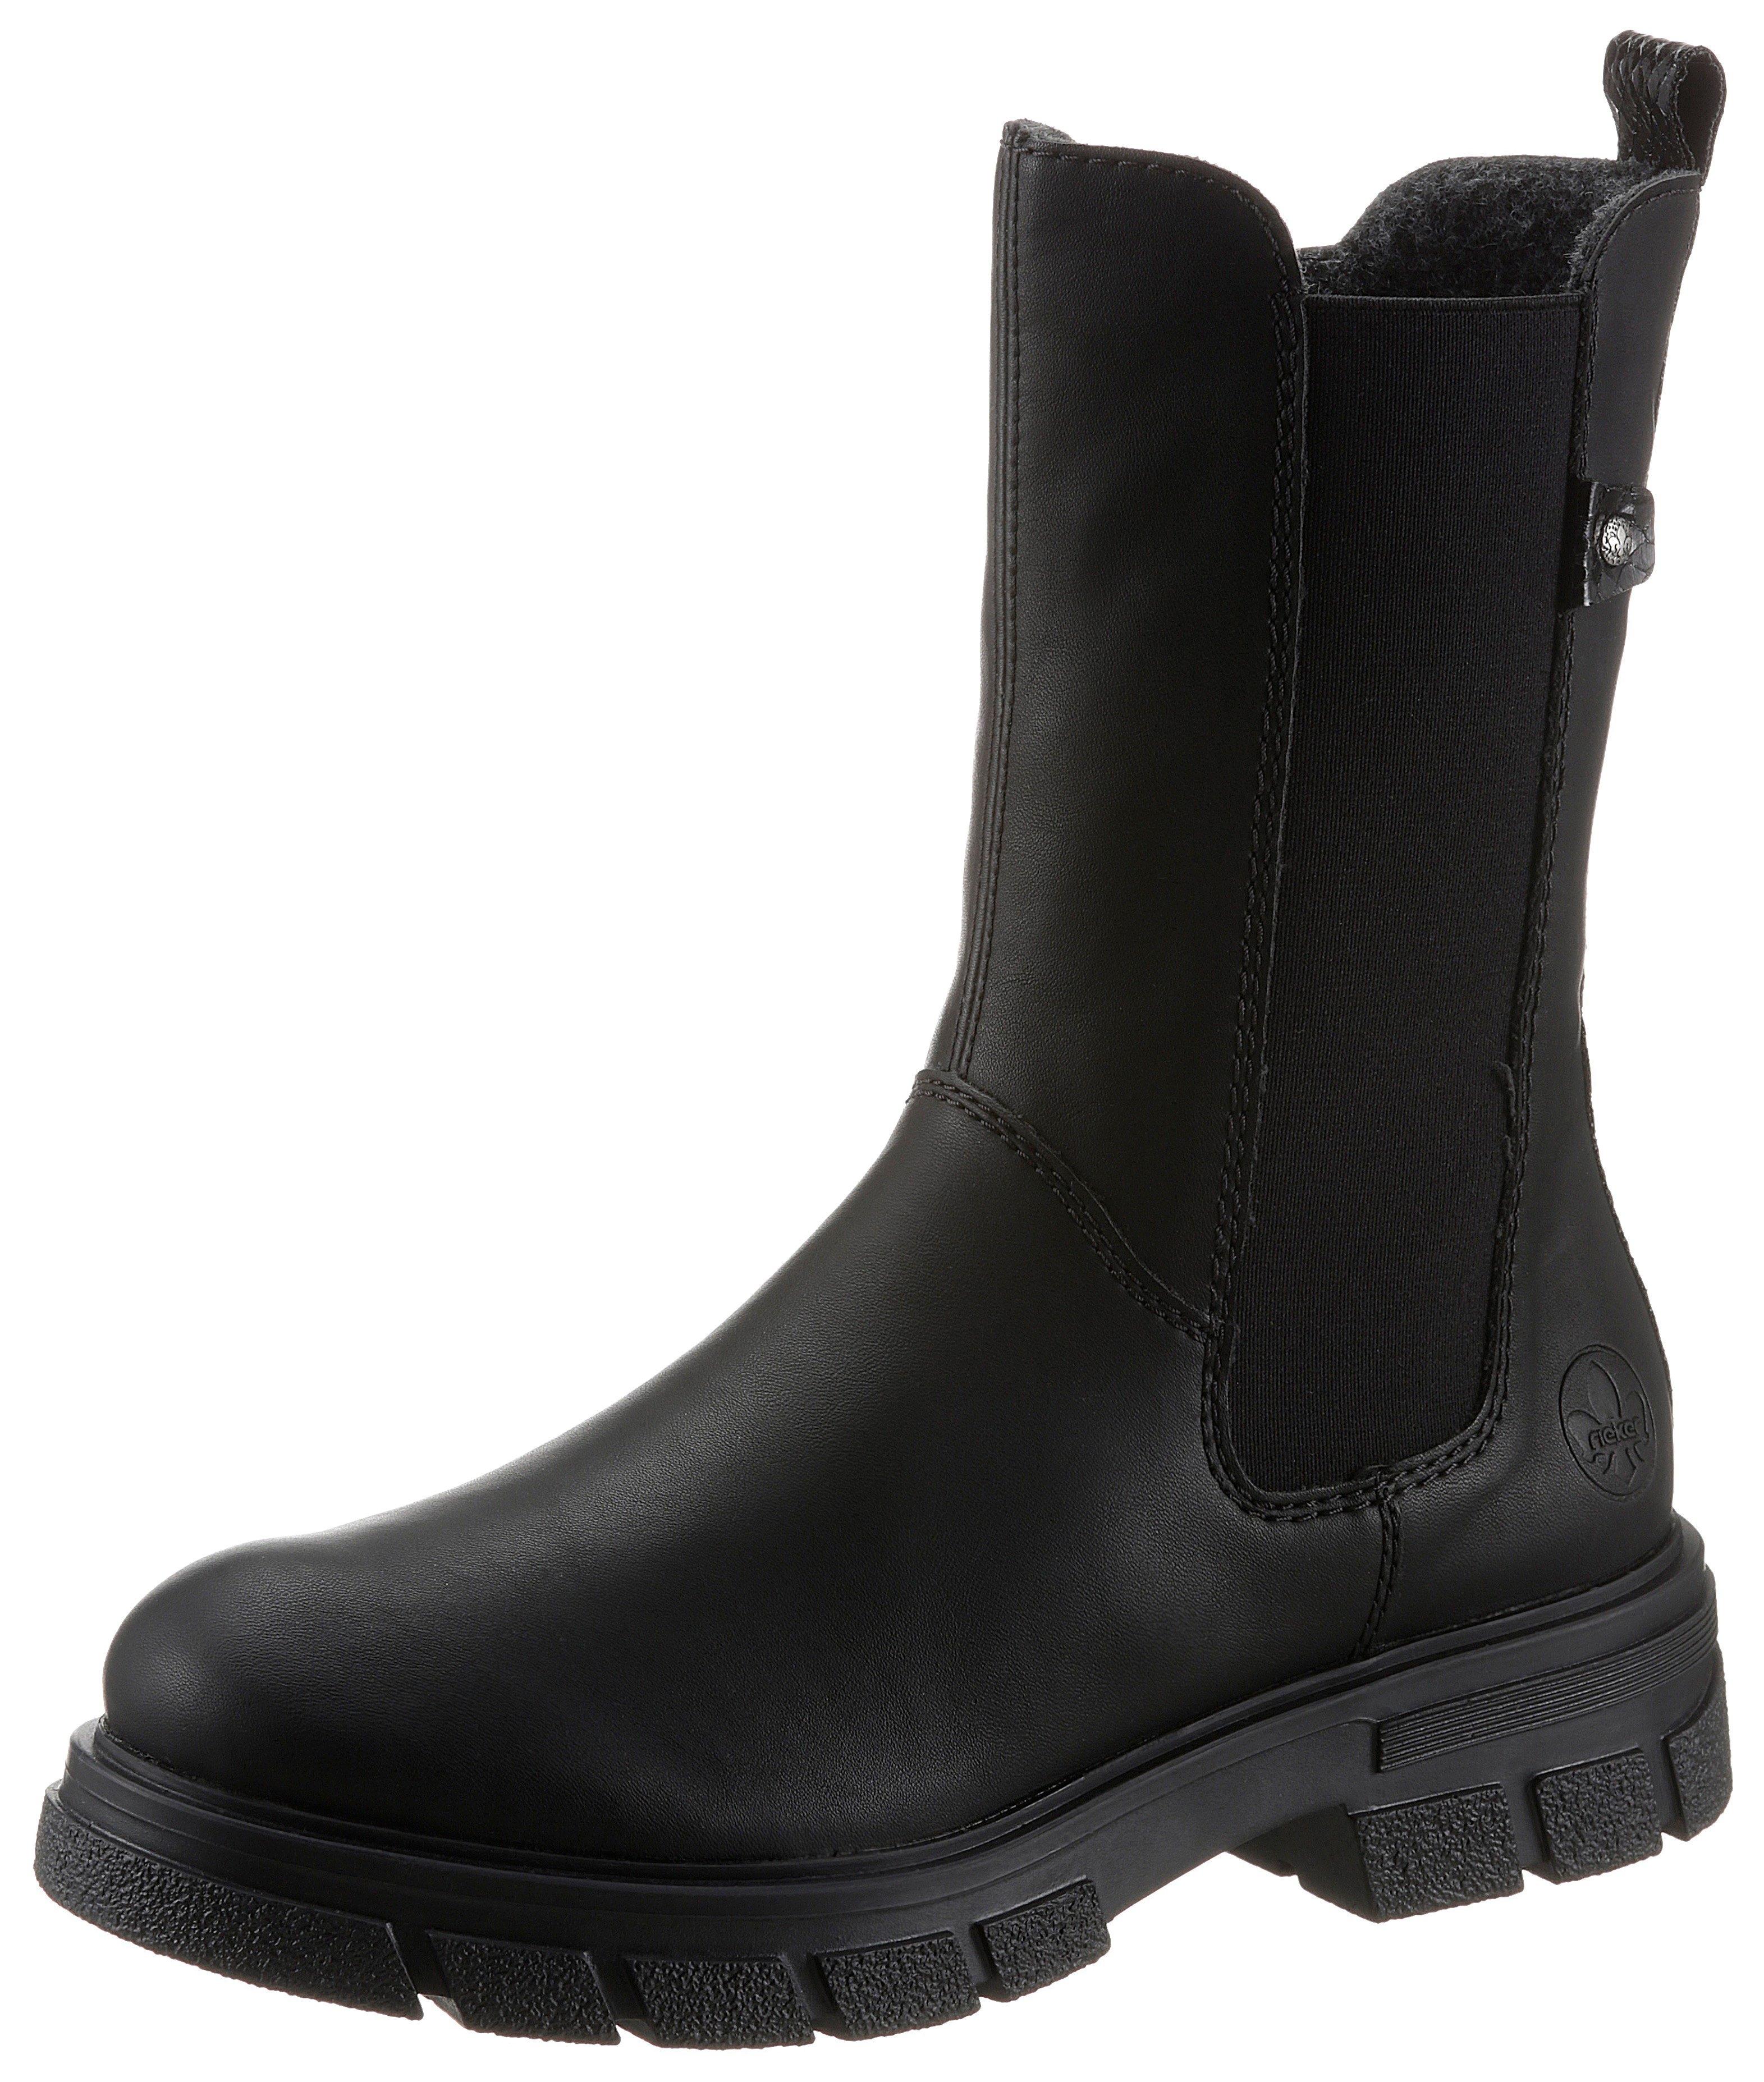 Rieker Chelsea-boots met brede stretchinzet online kopen op otto.nl